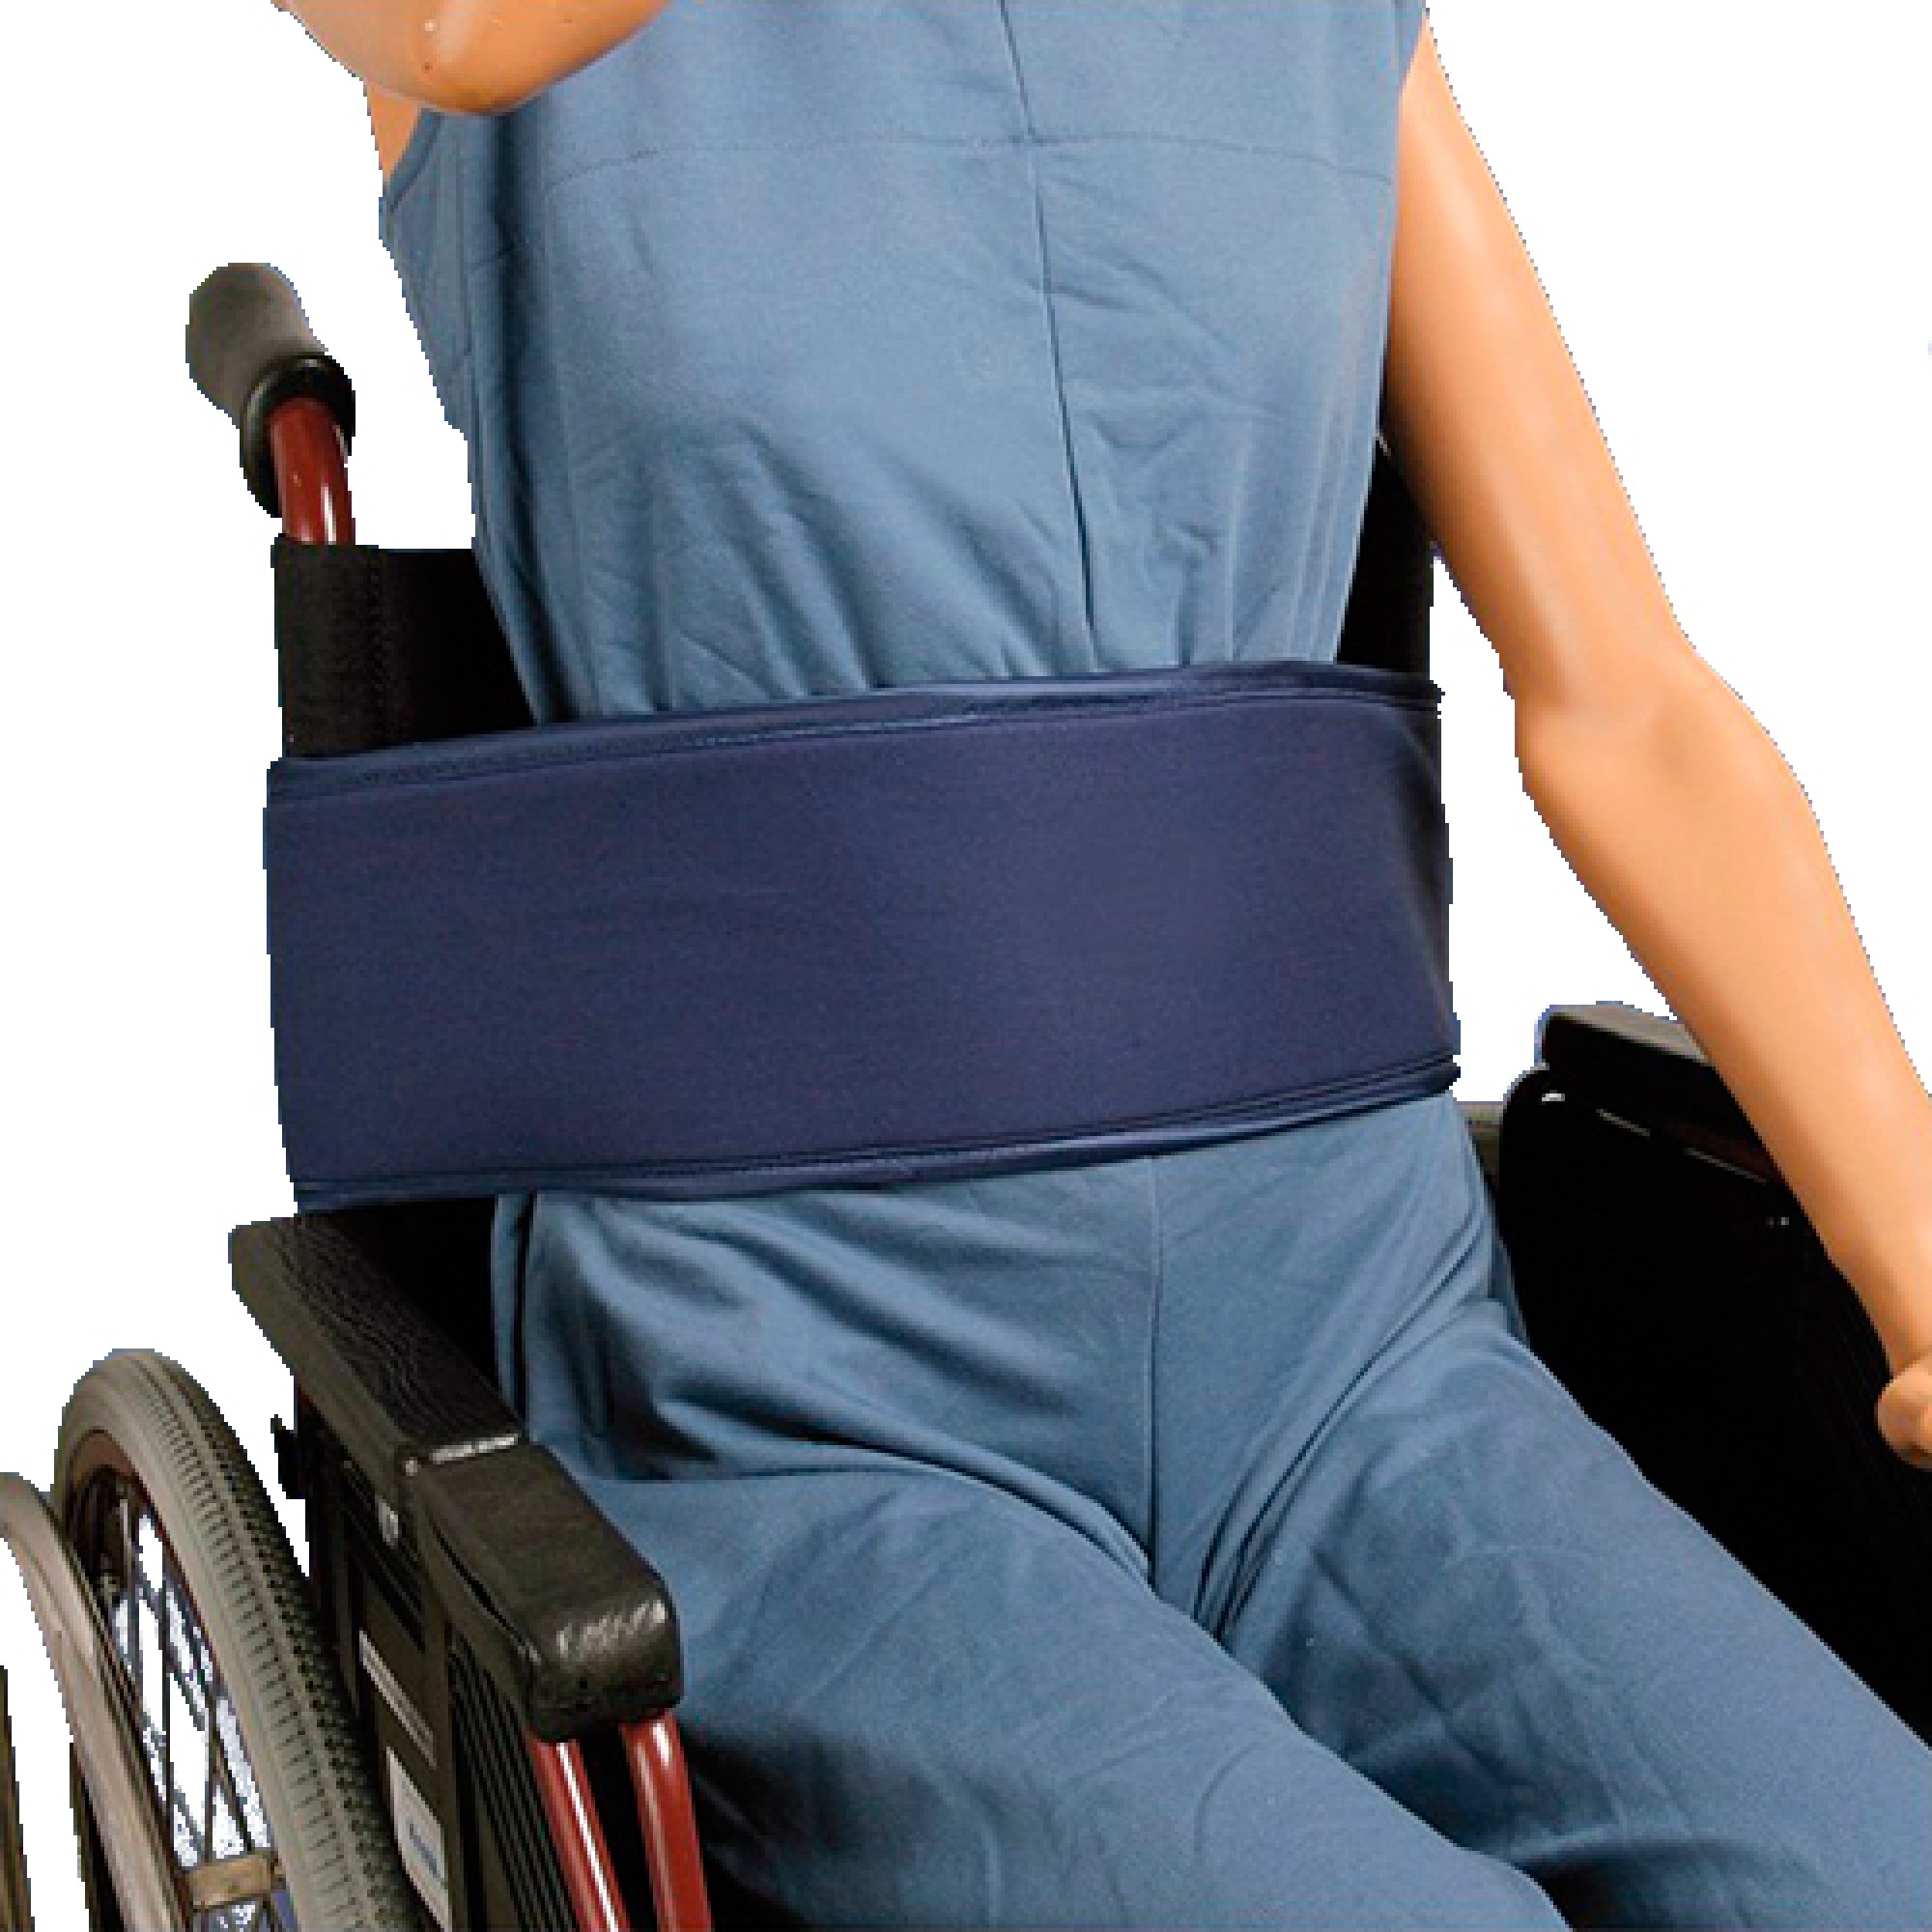 cinturon abdominal para silla de ruedas